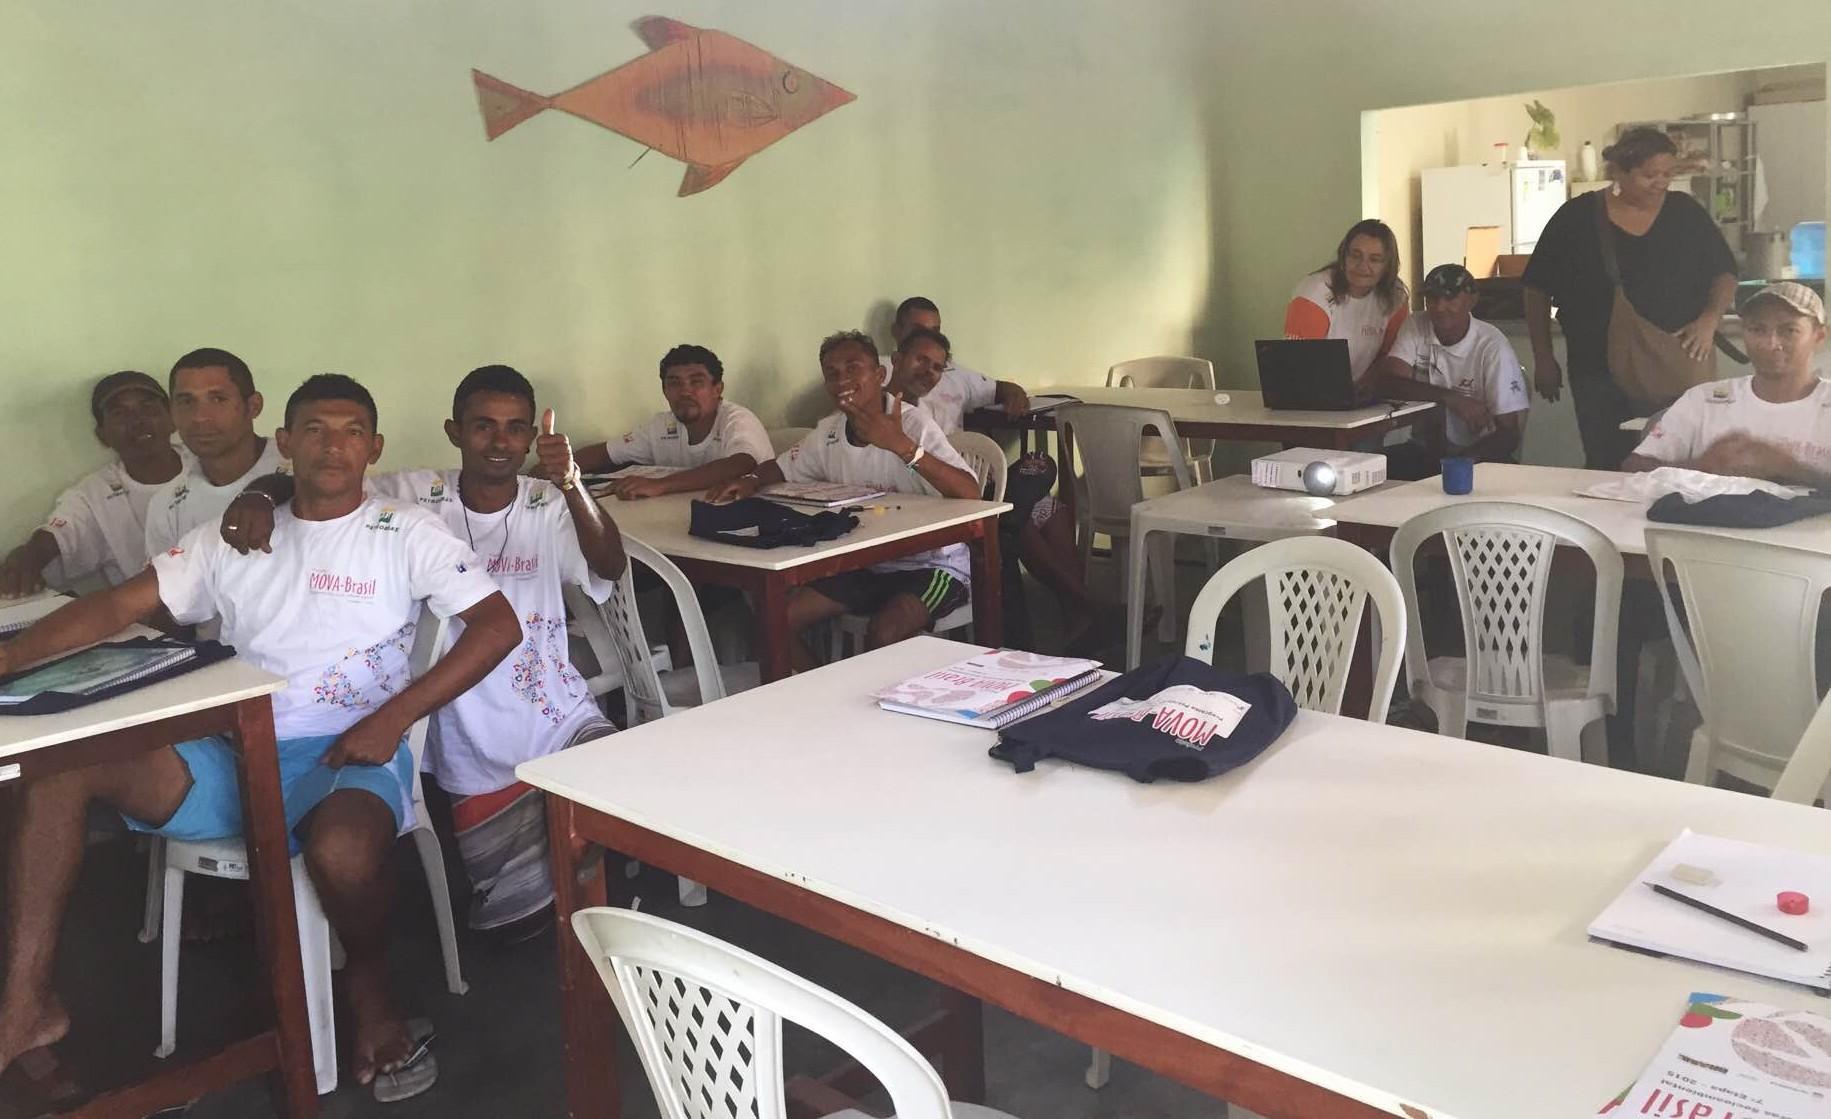 A turma, formada por homens entre entre 25 e 40 anos, se reúne todos os dias no Centro de Convivência para Pessoas em Situação de Rua. (FOTO: Juliana Teófilo/Tribuna do Ceará)